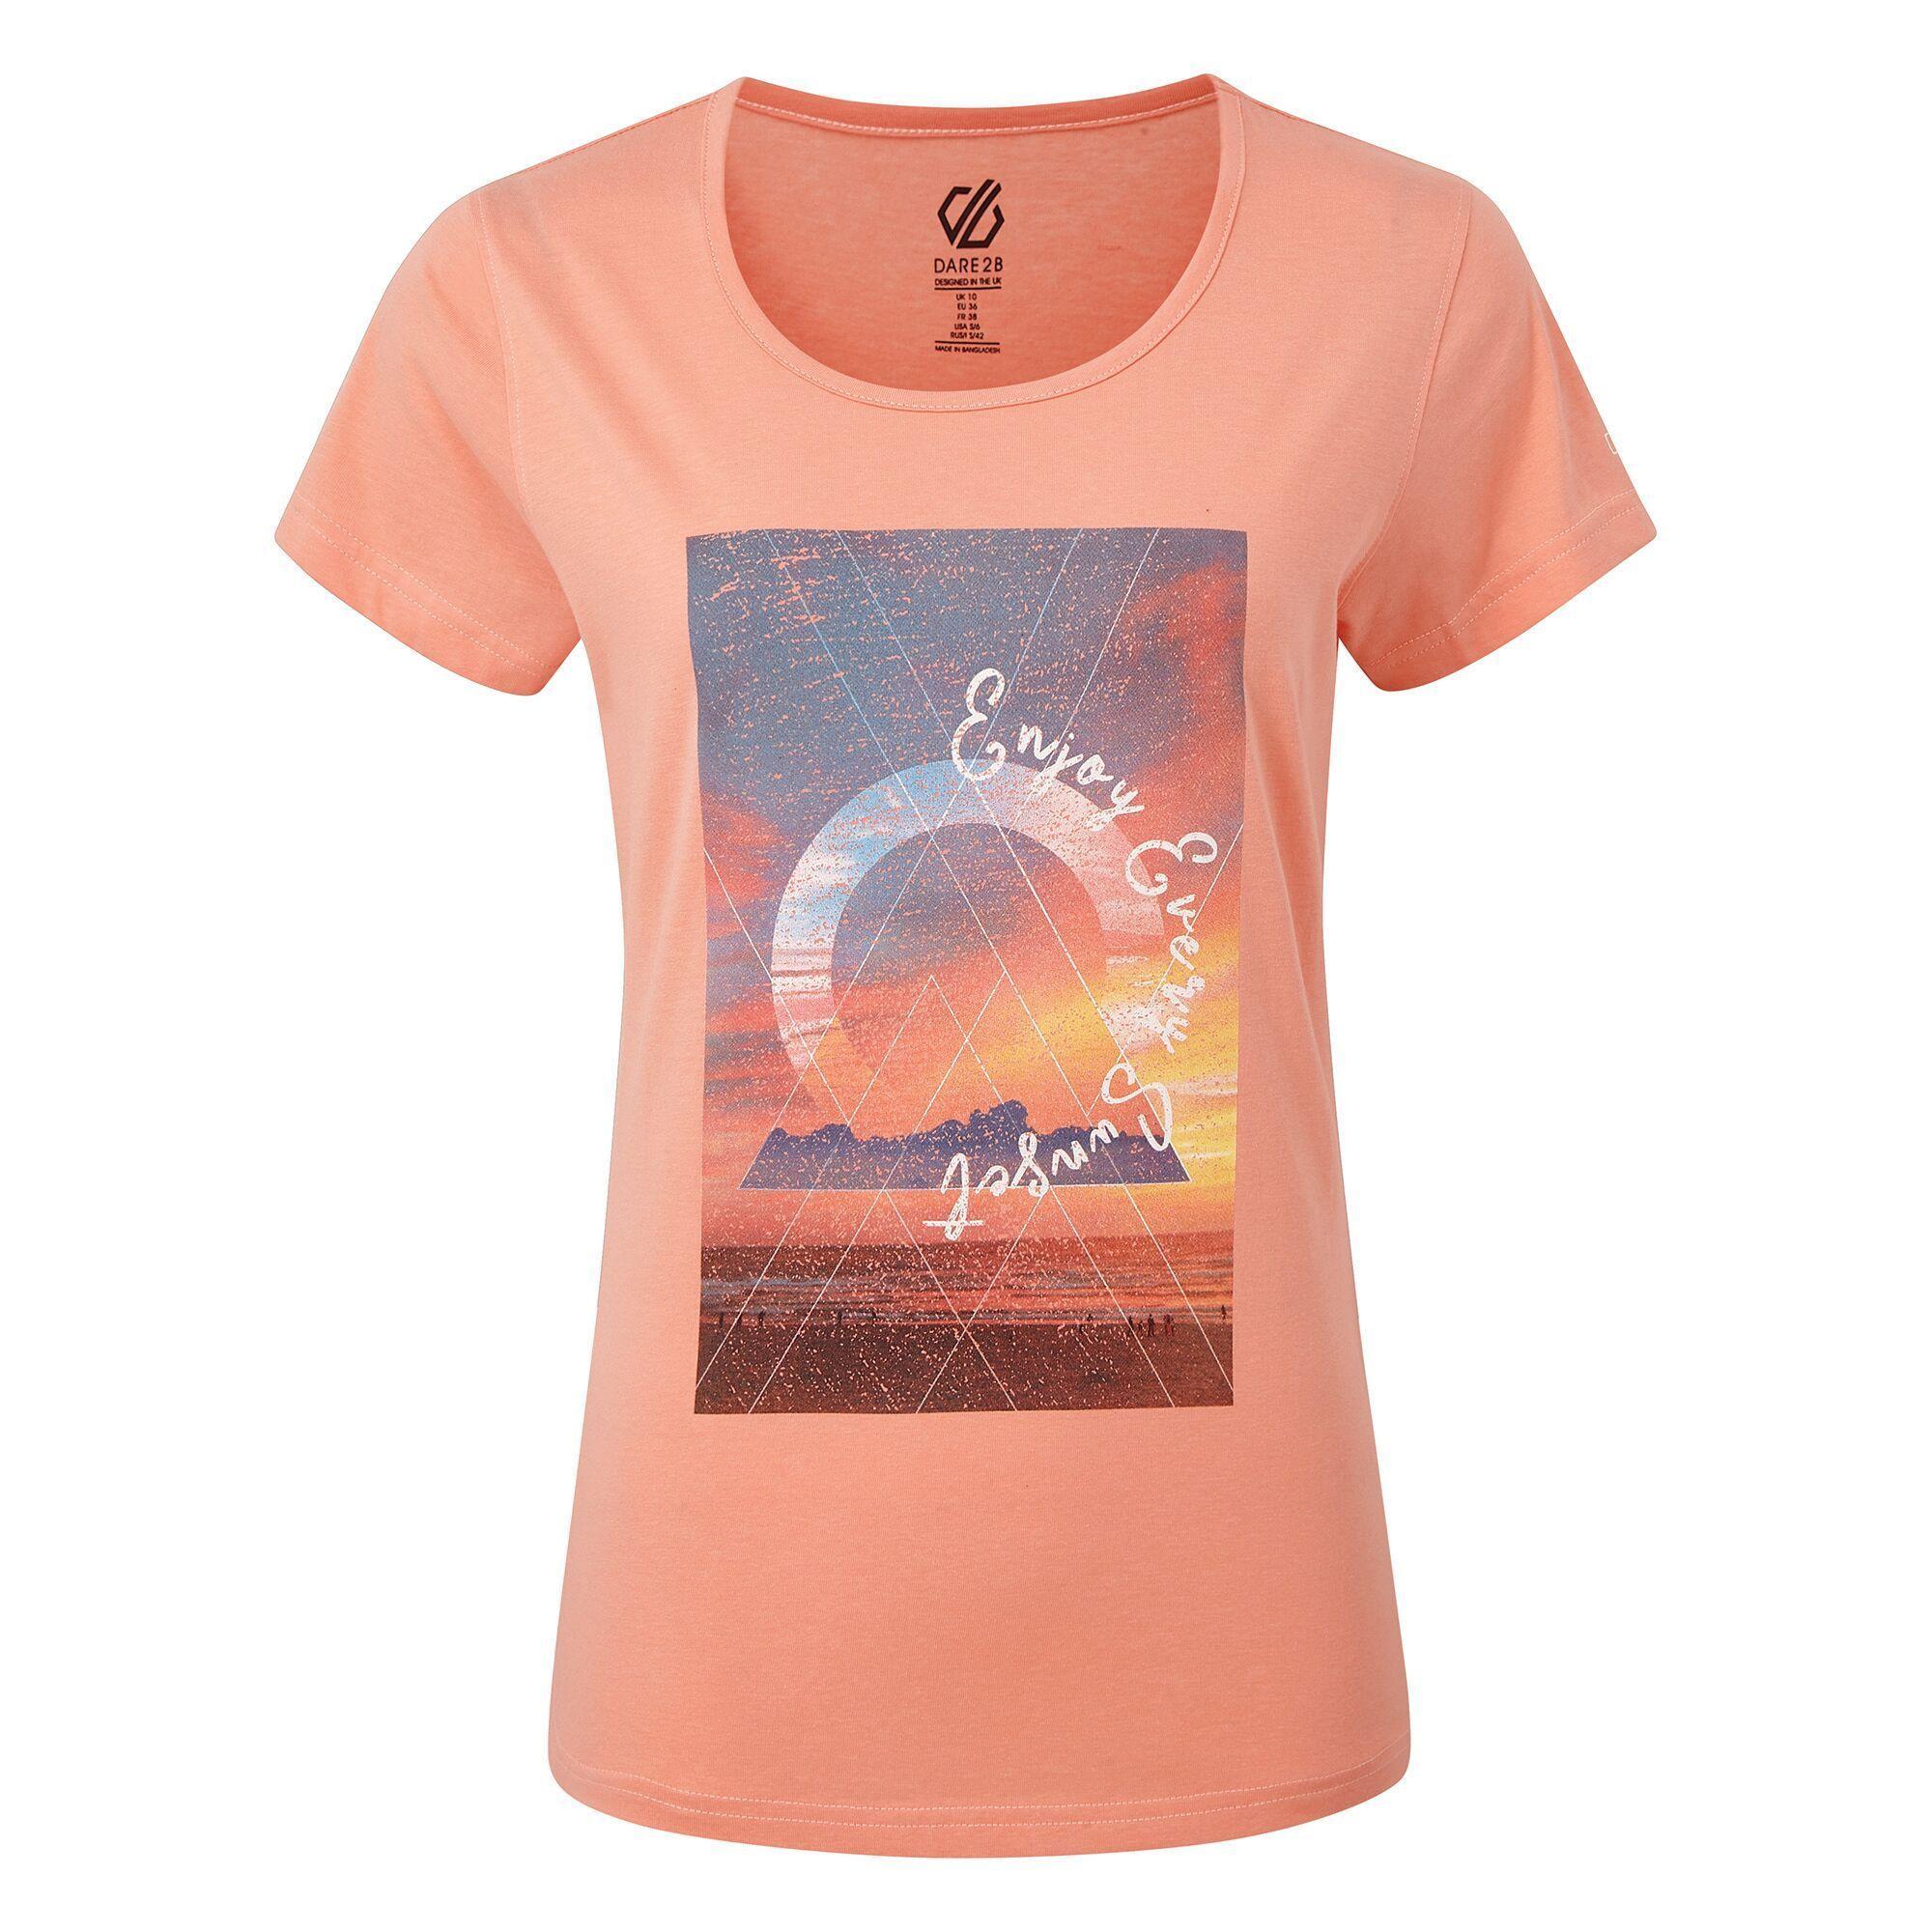 Dare 2B Womens/Ladies Summer Nights Graphic T-Shirt